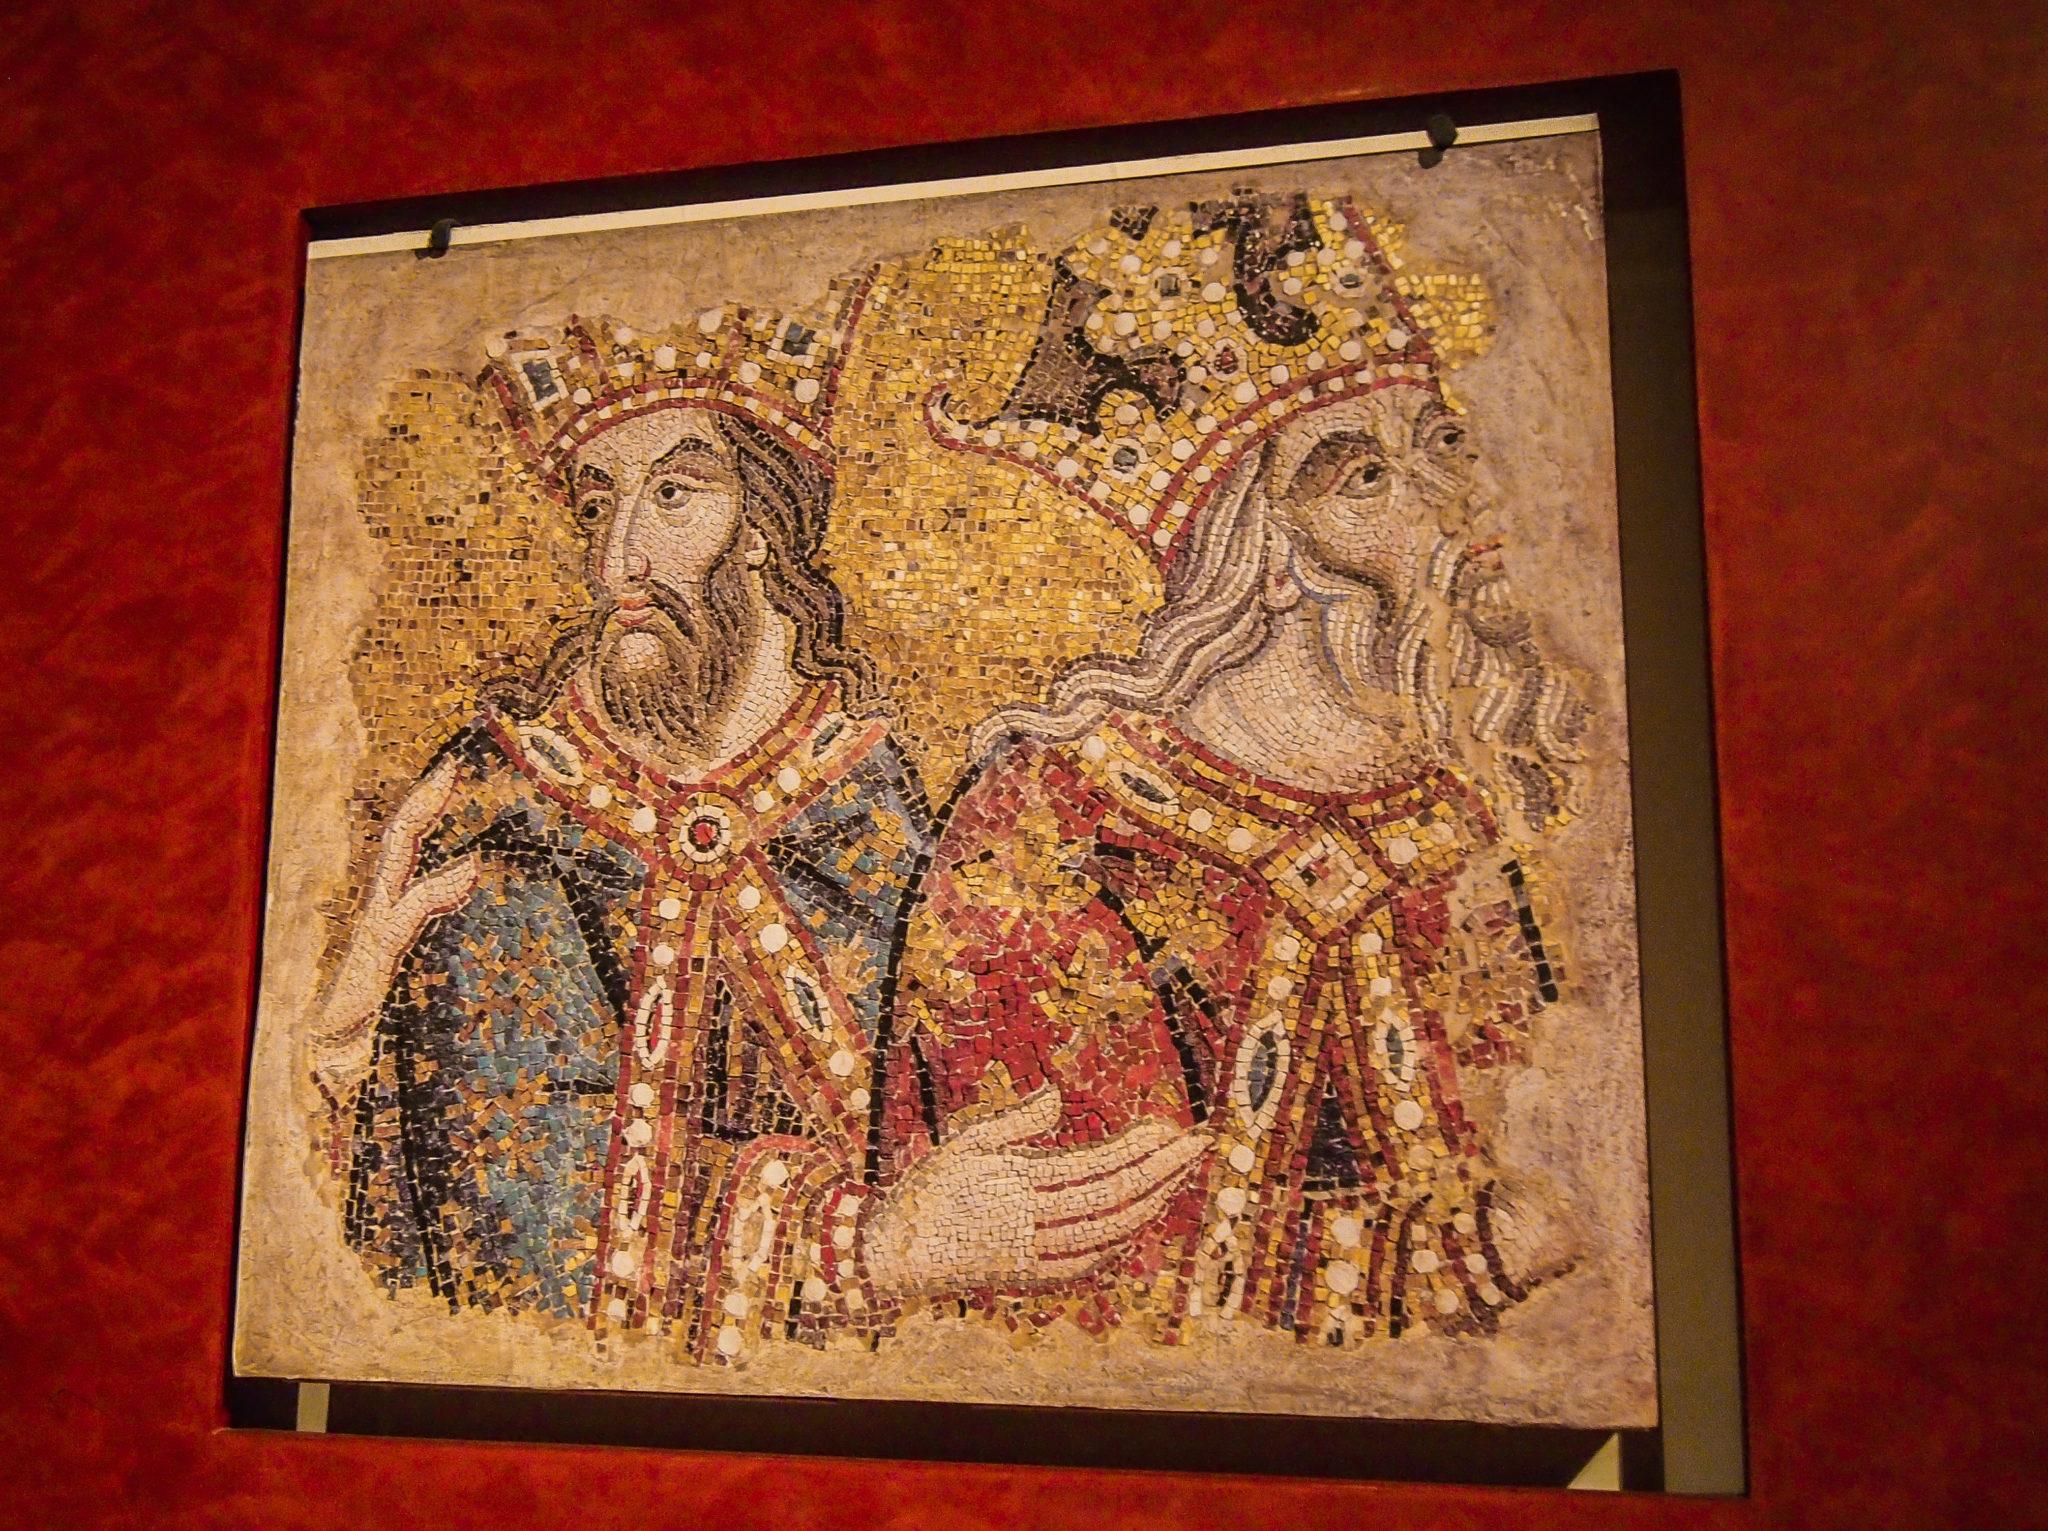 benátky mozaika